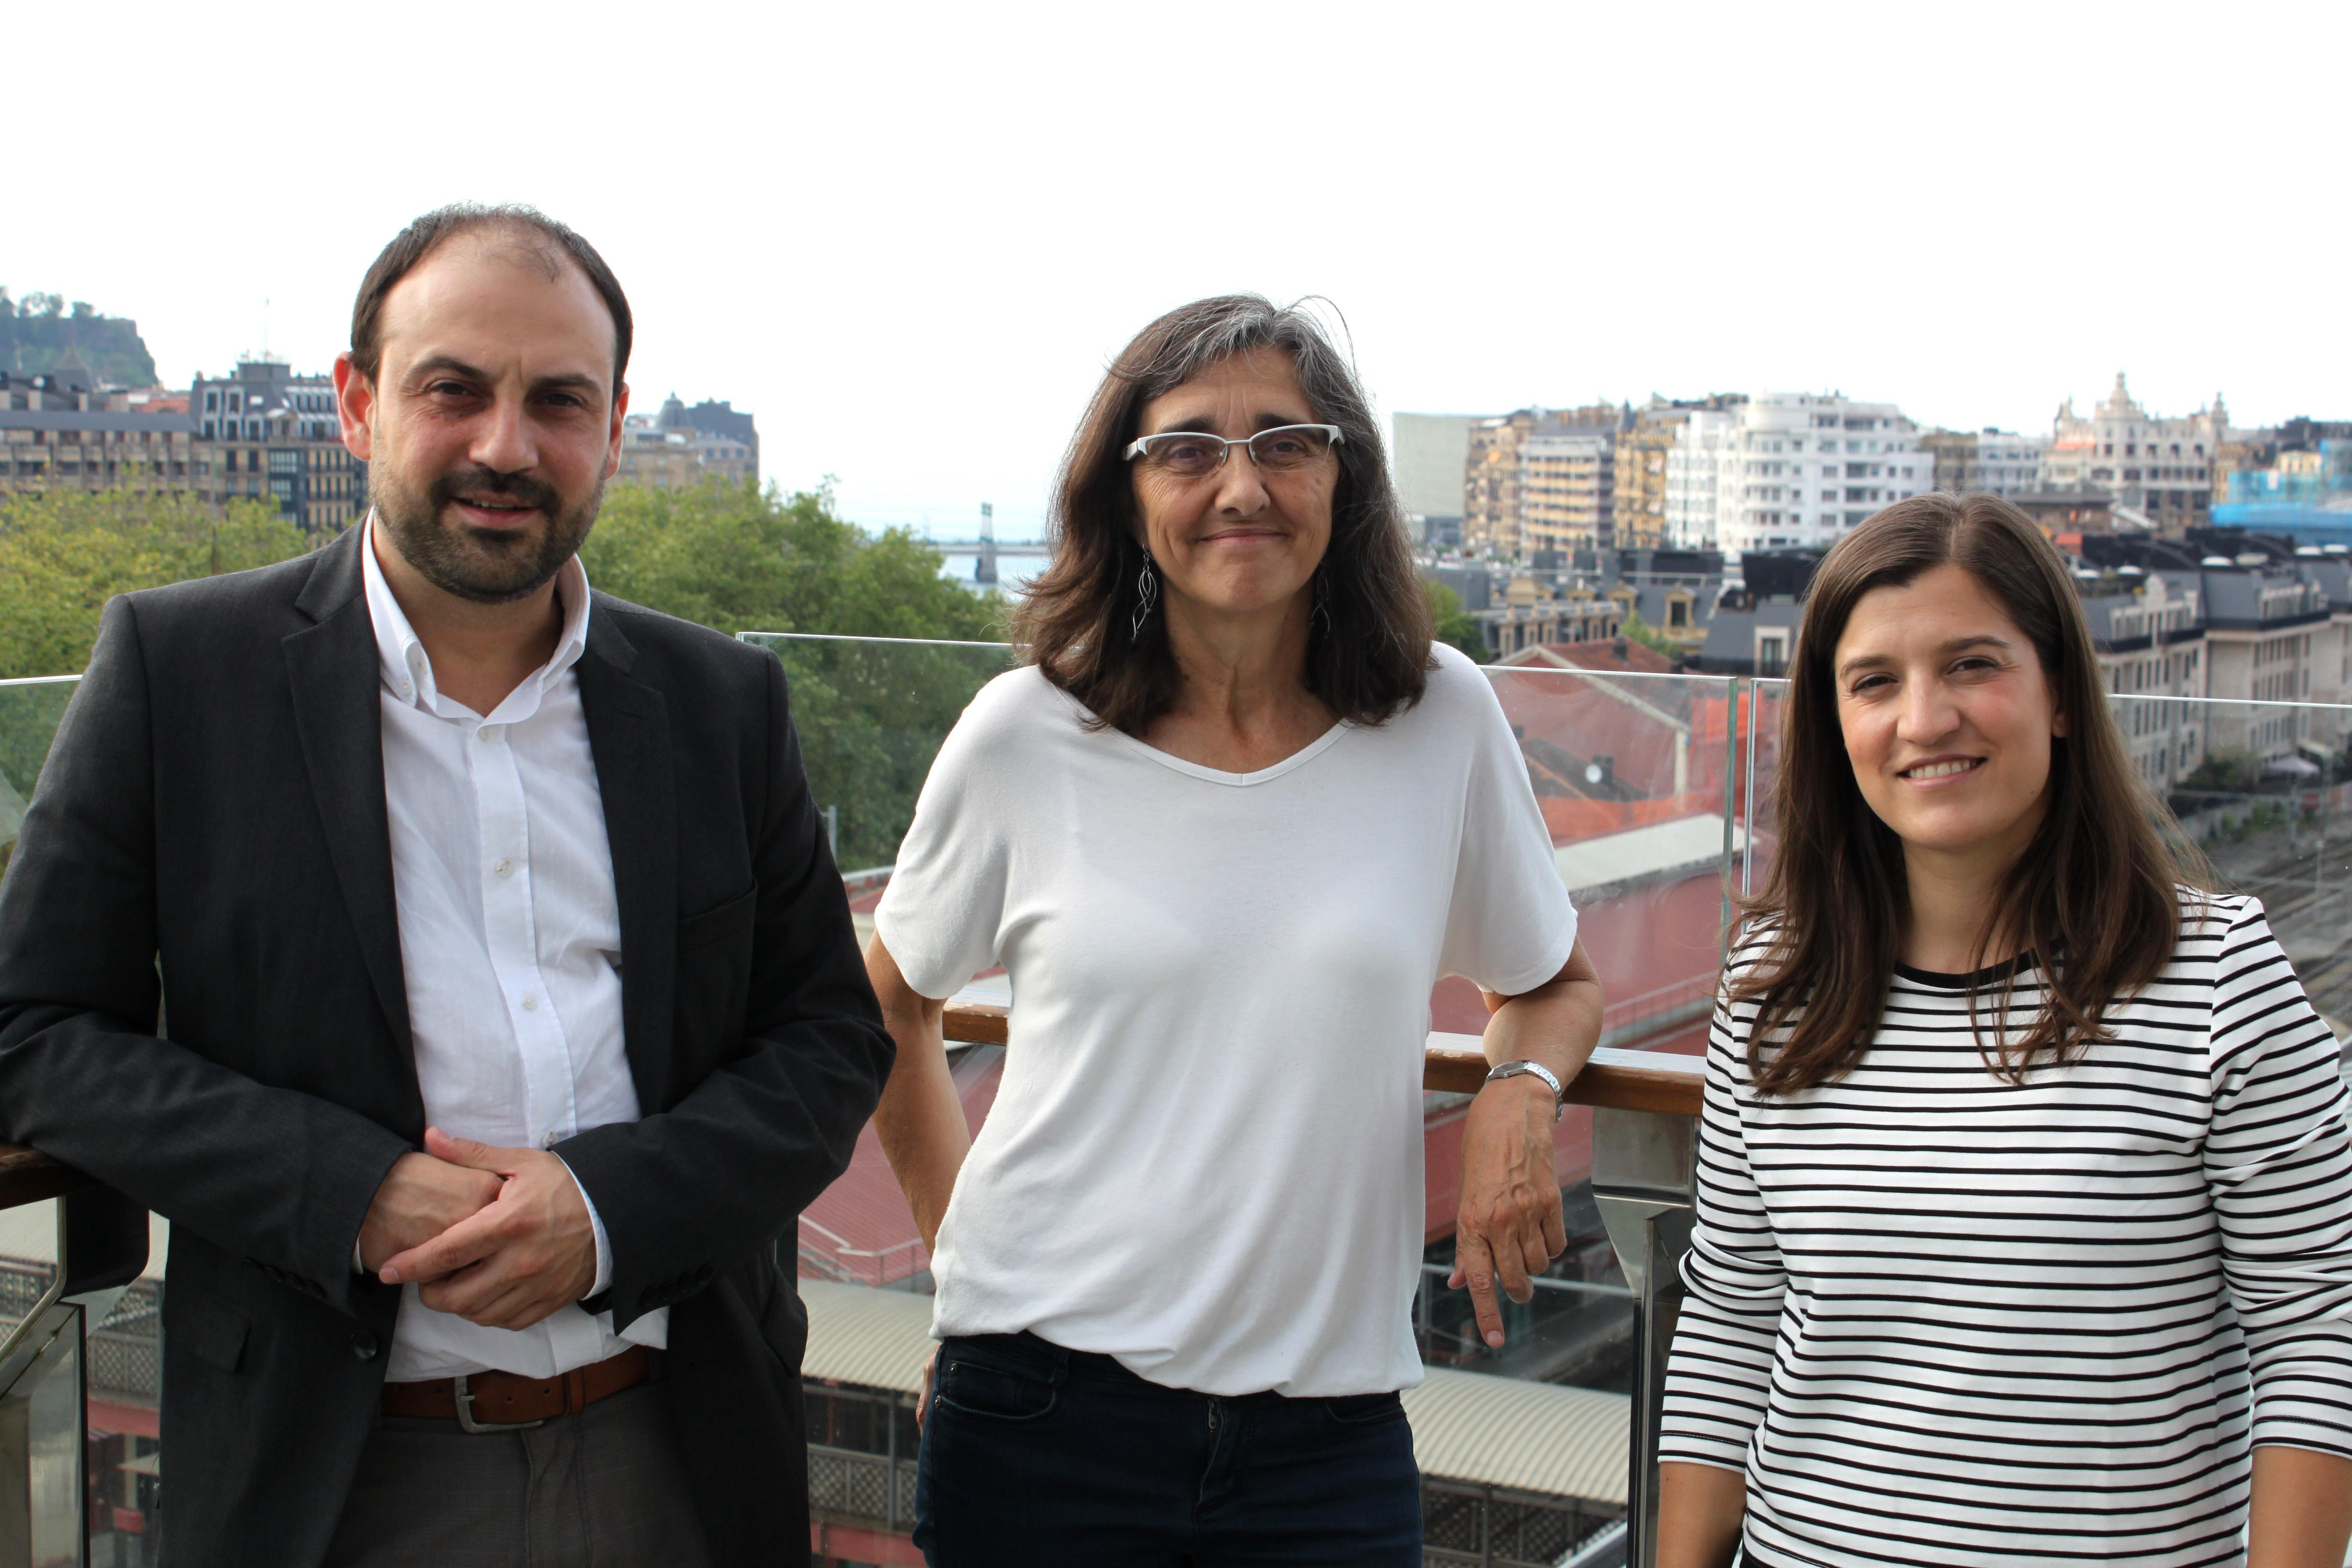 foto noticia: 2ª Jornada Semana de la Bioconstrucción. Kursaal Green junto a Carme Borrell, gerente de la Agencia de Salud Pública de Barcelona.